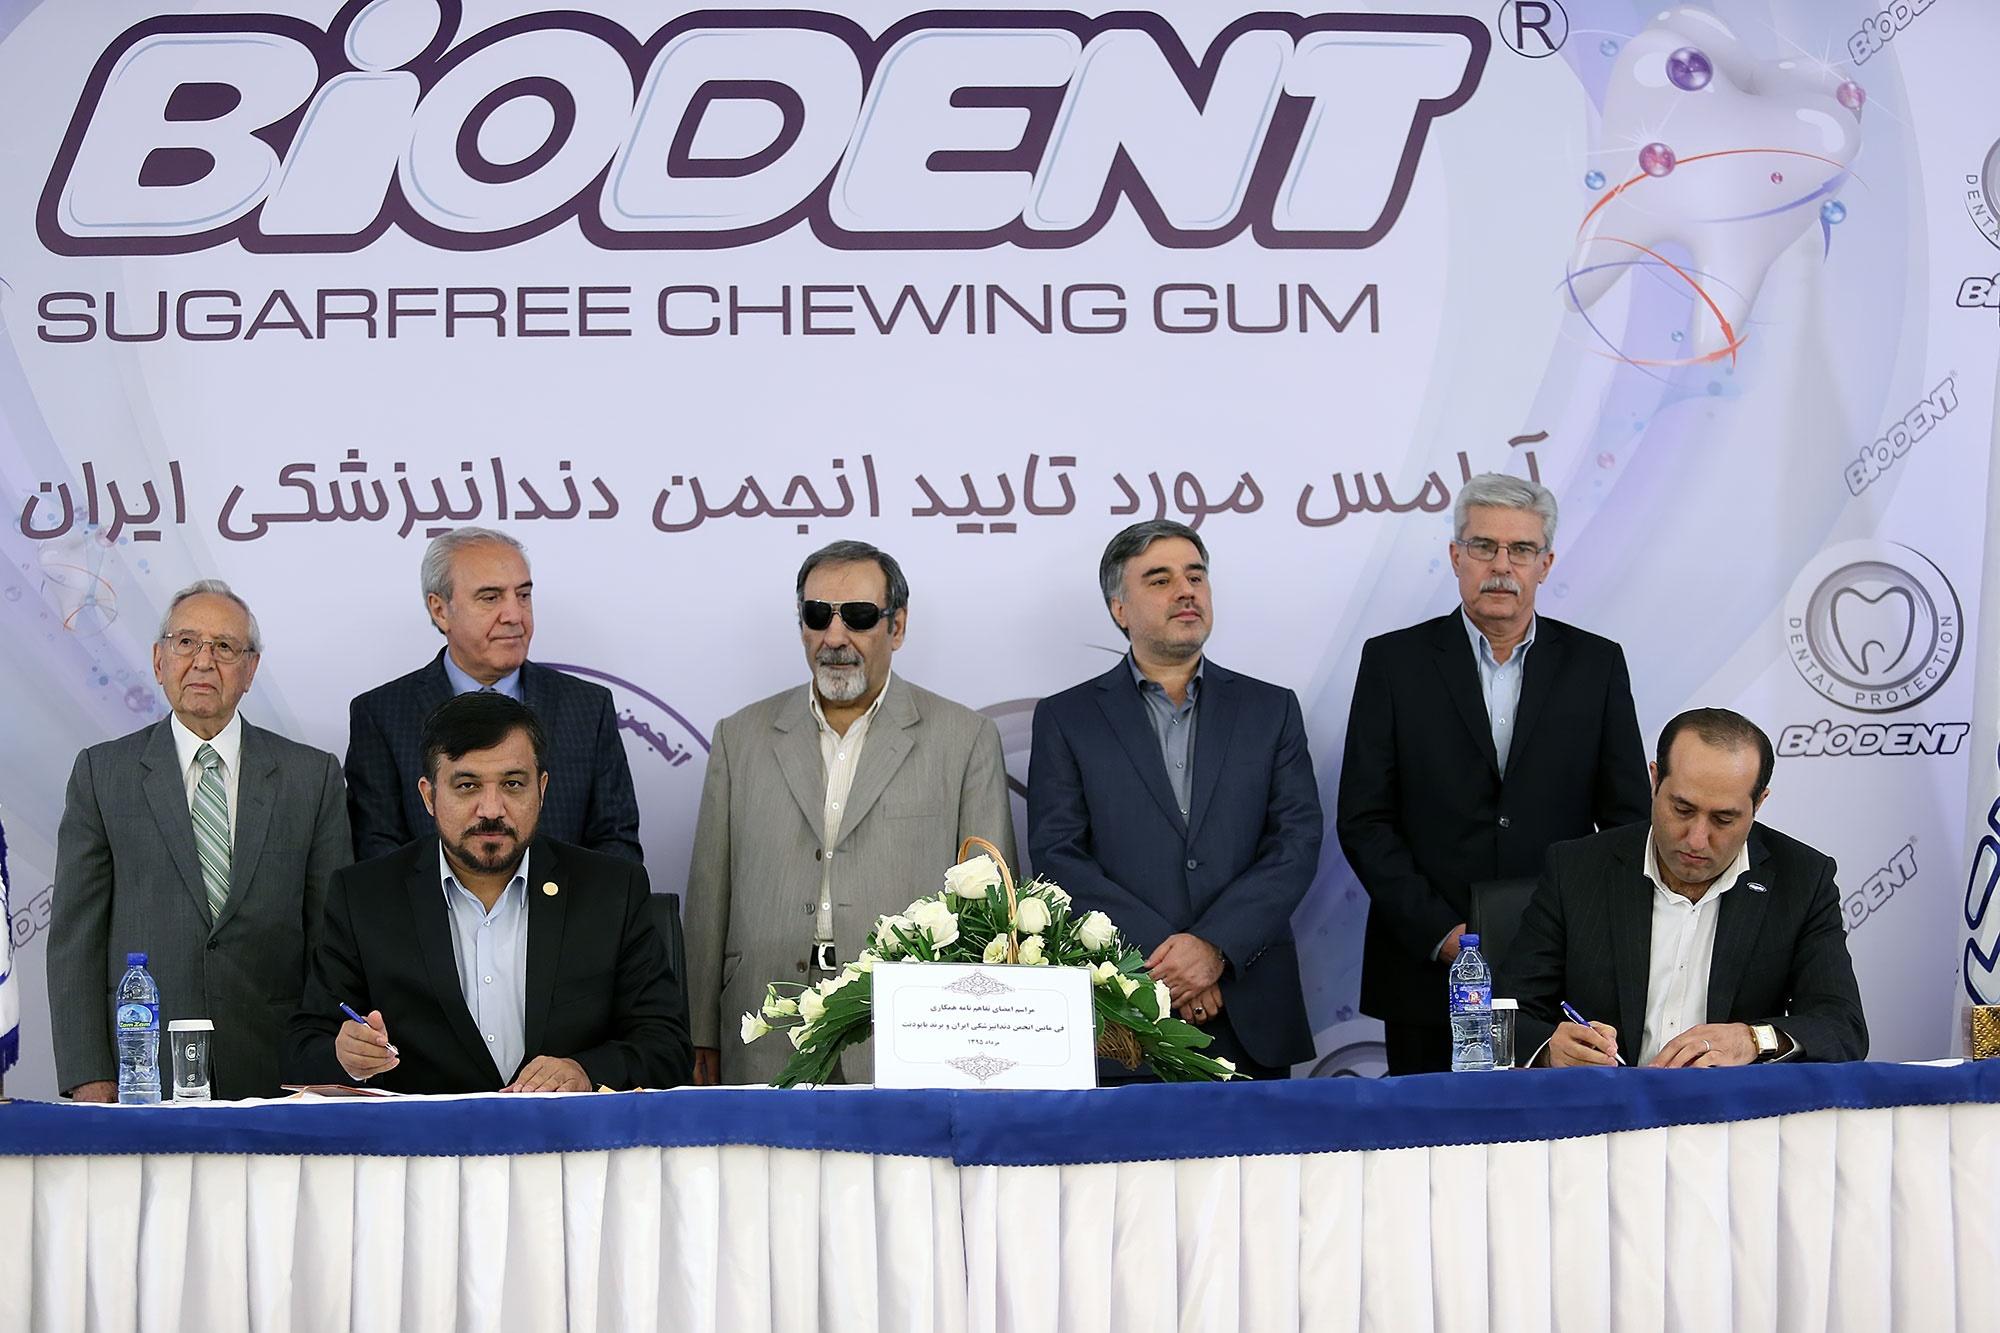 آغاز رسمی همکاری مشترک انجمن دندان پزشکی ایران و آدامس بایودنت